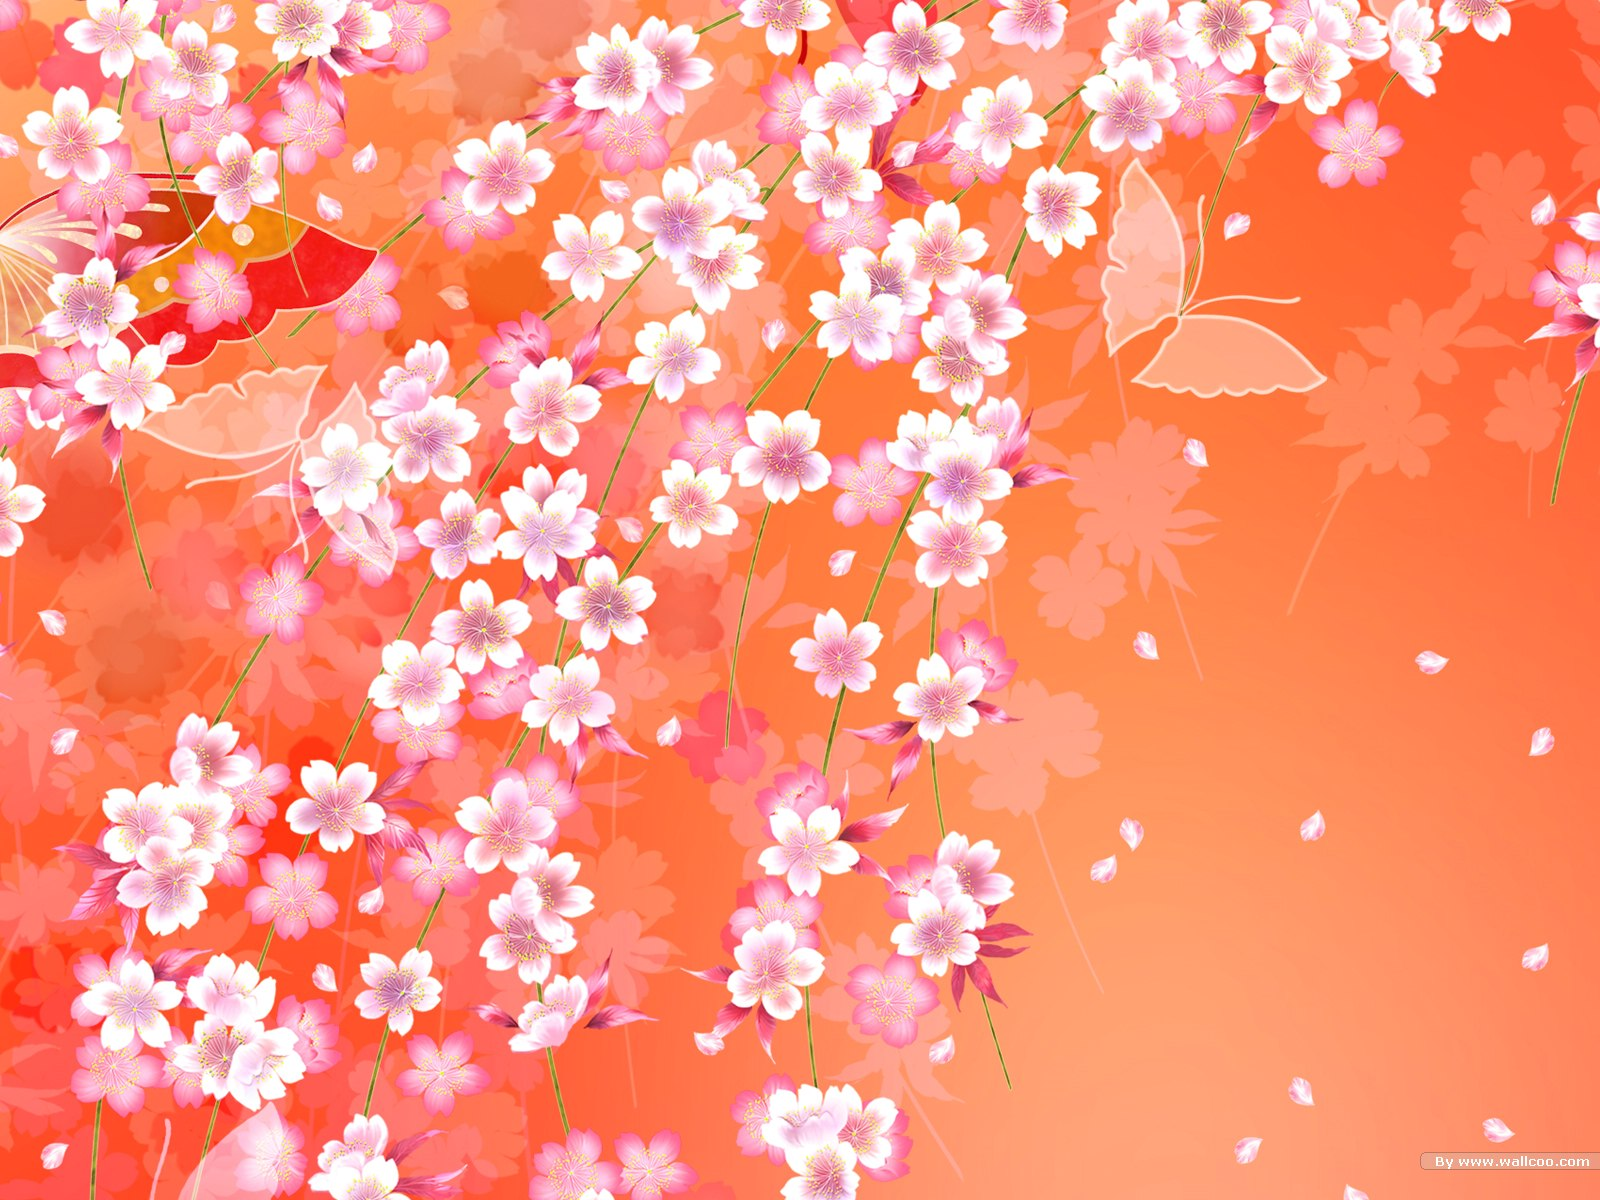 日本樱花蝴蝶扇子背景图片素材(23p)[中国photoshop